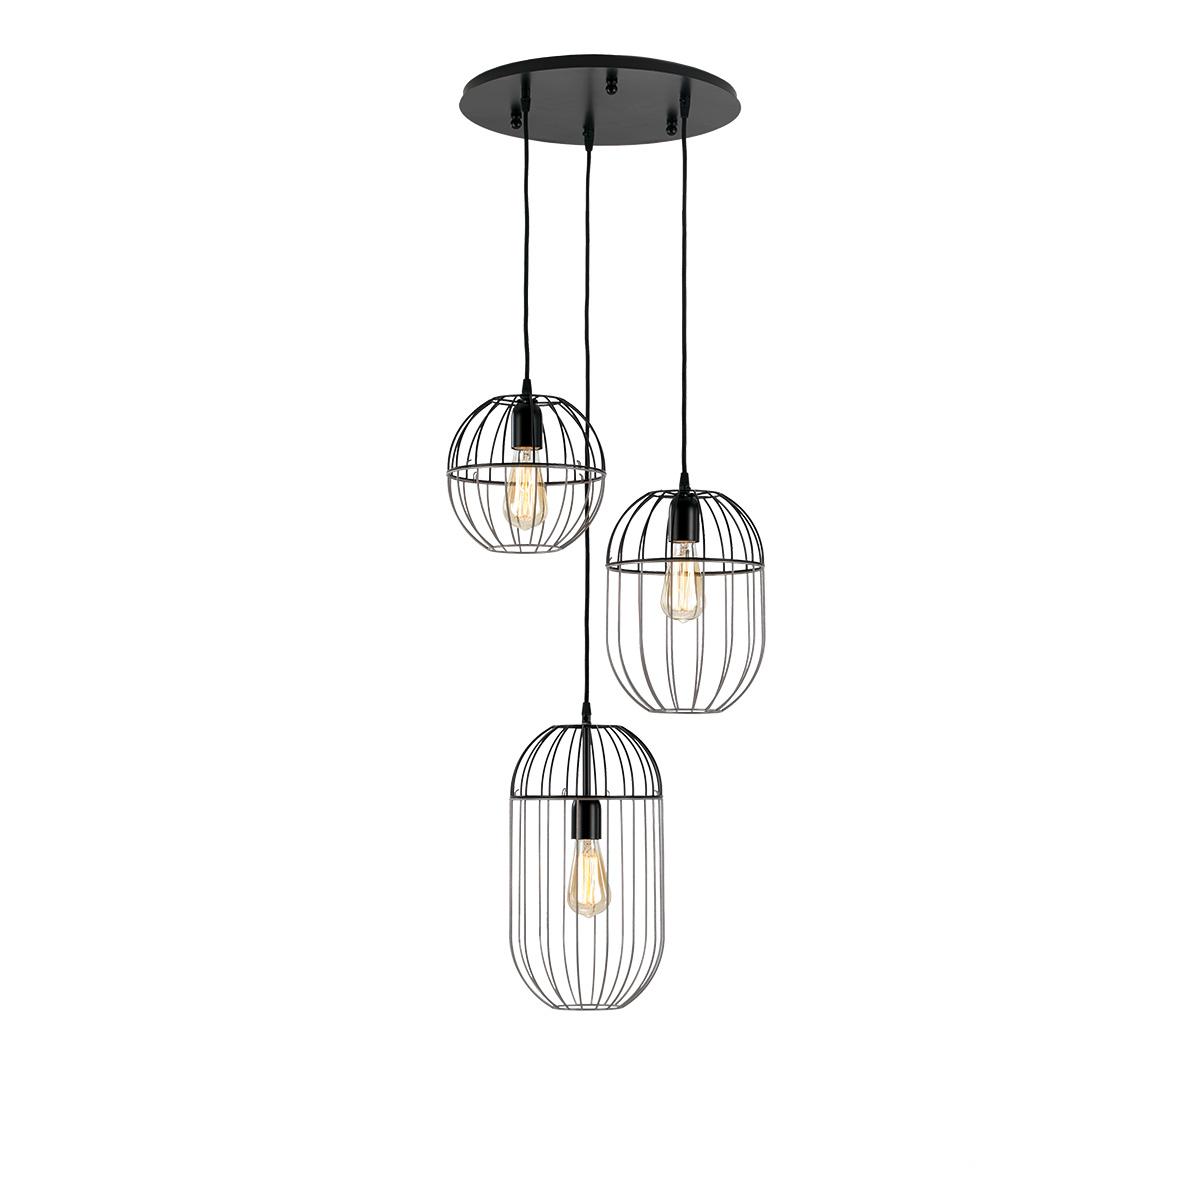 Φωτιστικά κλουβιά APPLES lighting cages